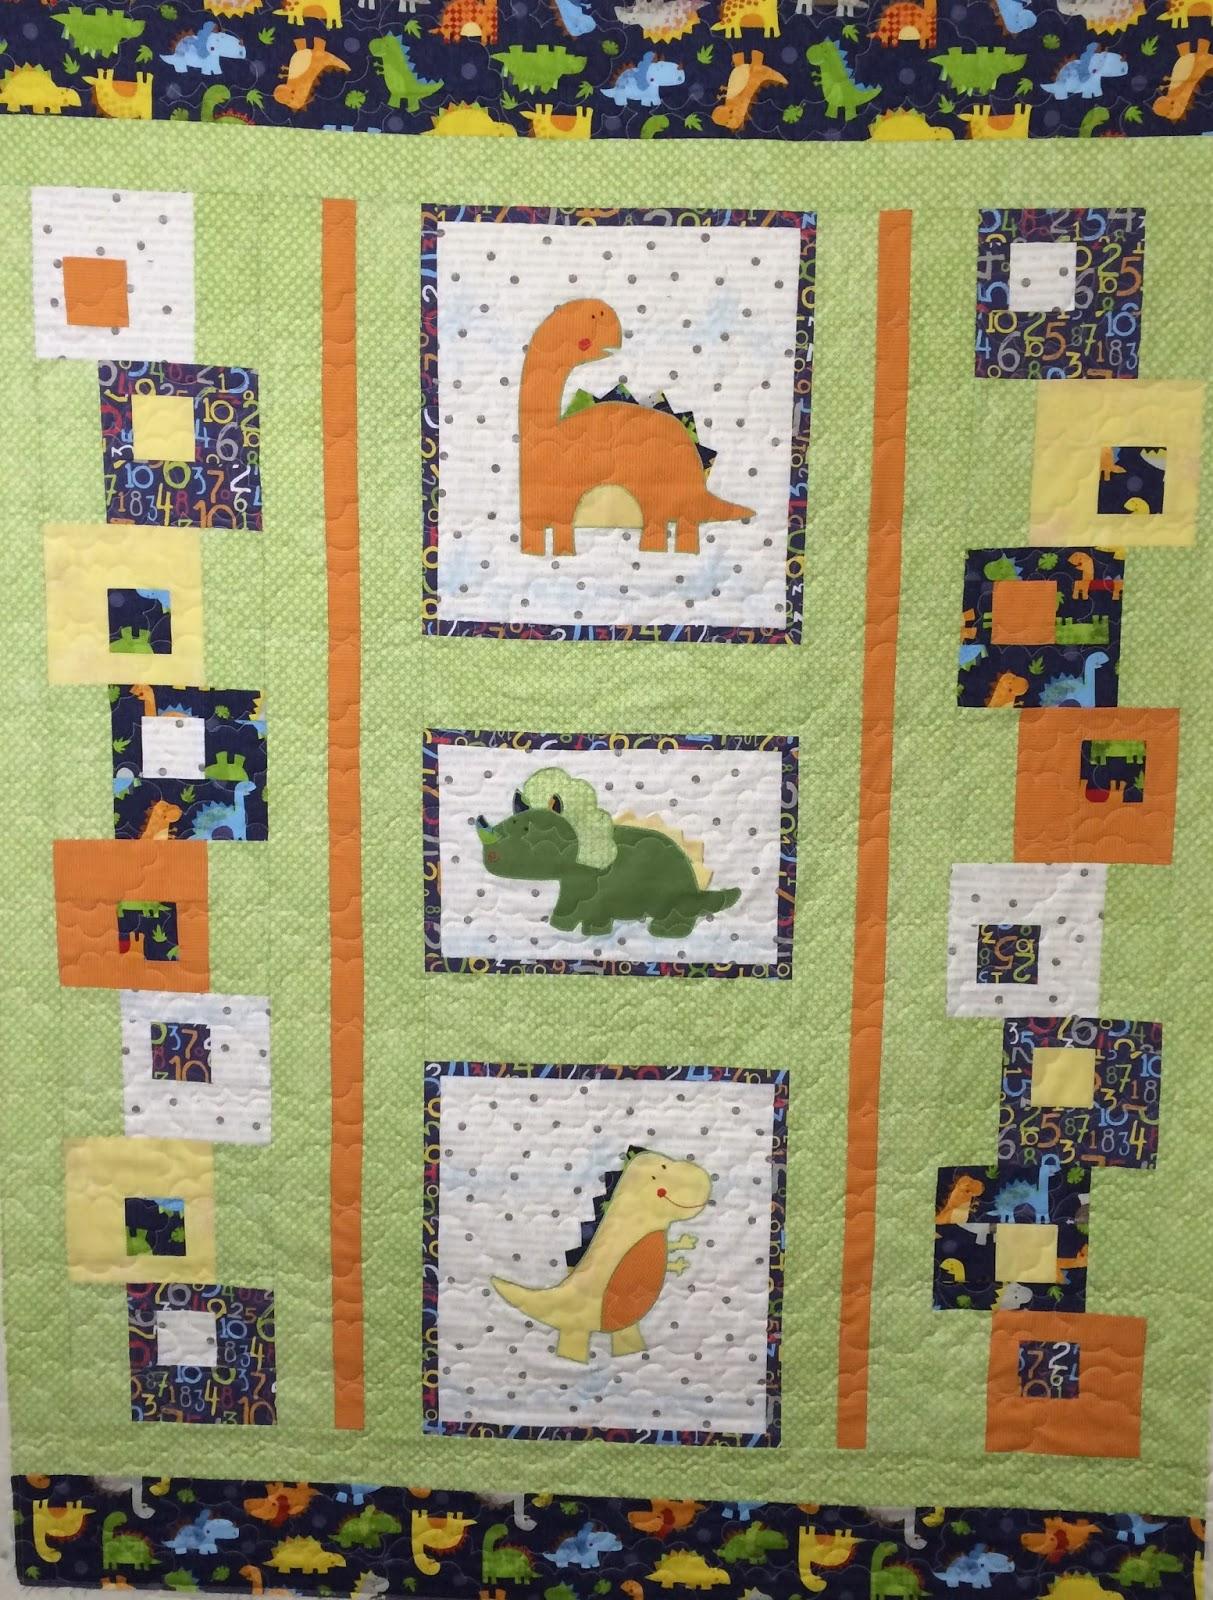 Chris Olsen's Baby Dinosaur Quilt